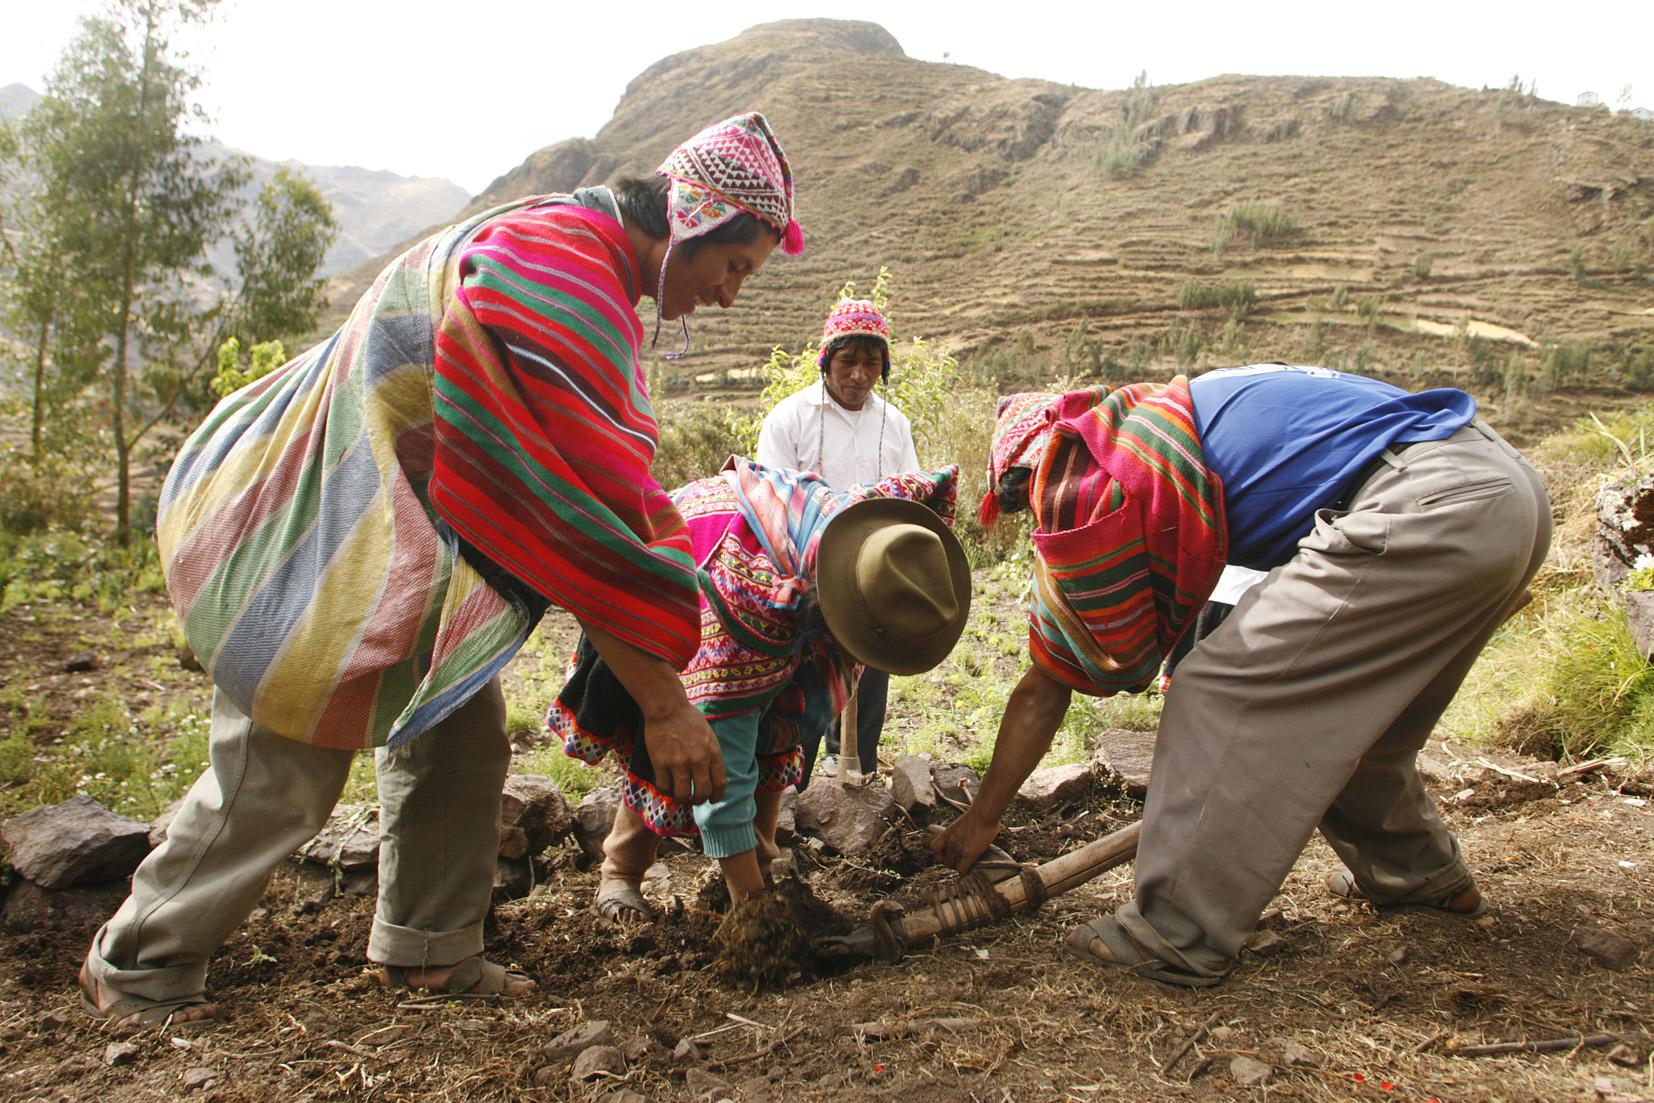 Andenbauern mit ihren traditionellen Werkzeugen